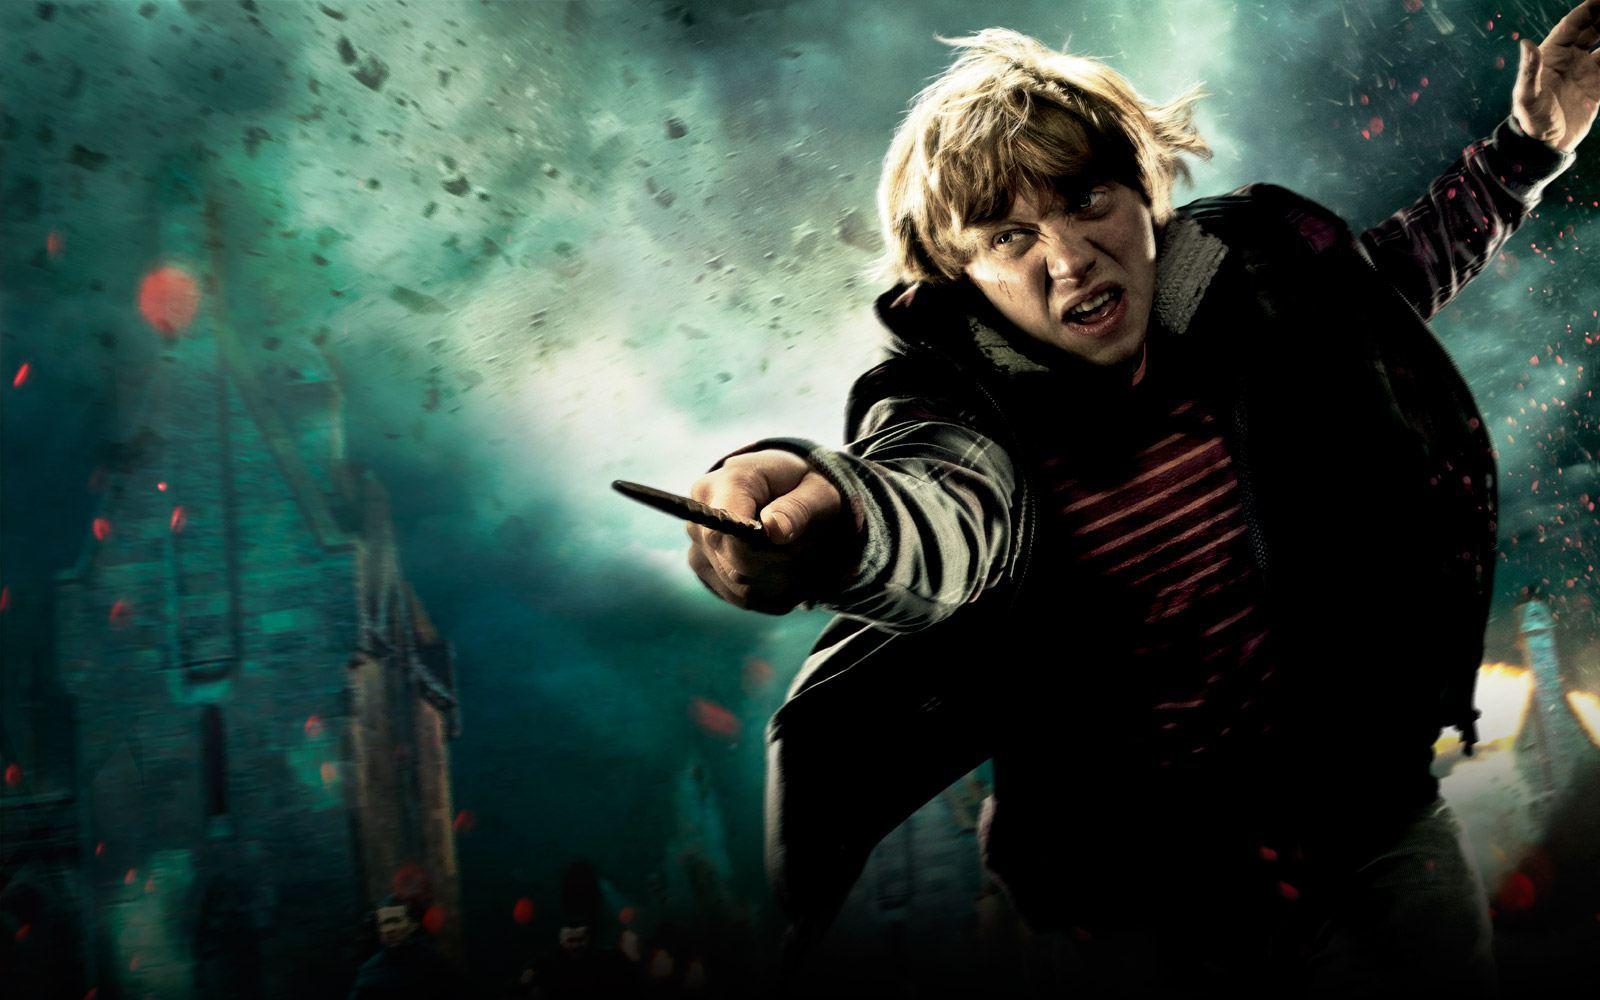 промо-слайды Гарри Поттер и Дары Смерти: Часть вторая Руперт Гринт,